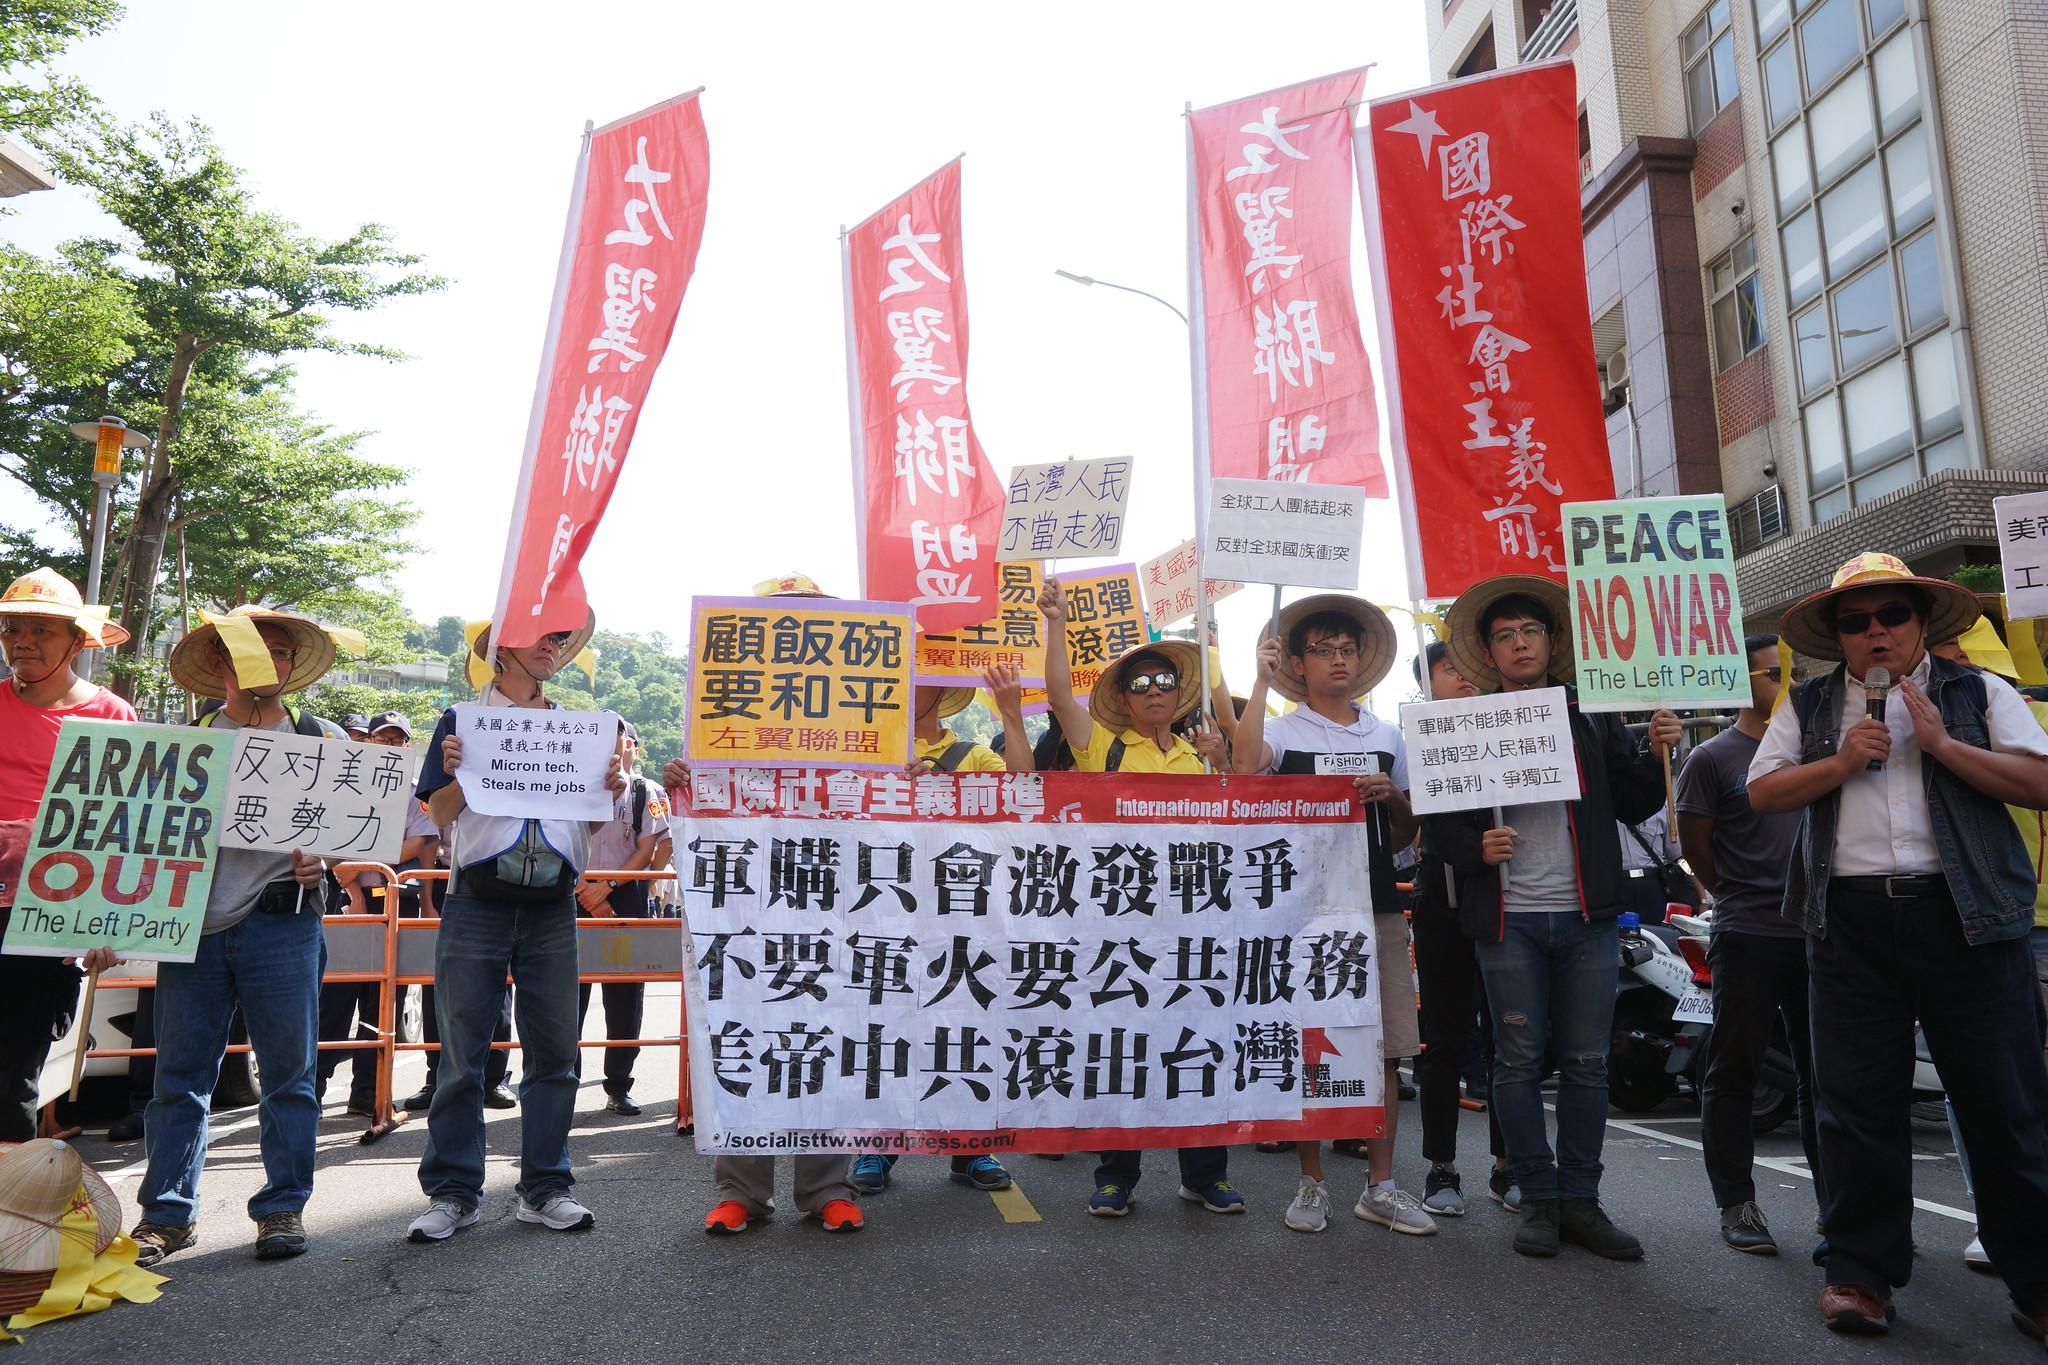 左聯等陳情抗議者,被隔離在相距AIT 300公尺外的巷弄與人行道上。(攝影:王顥中)